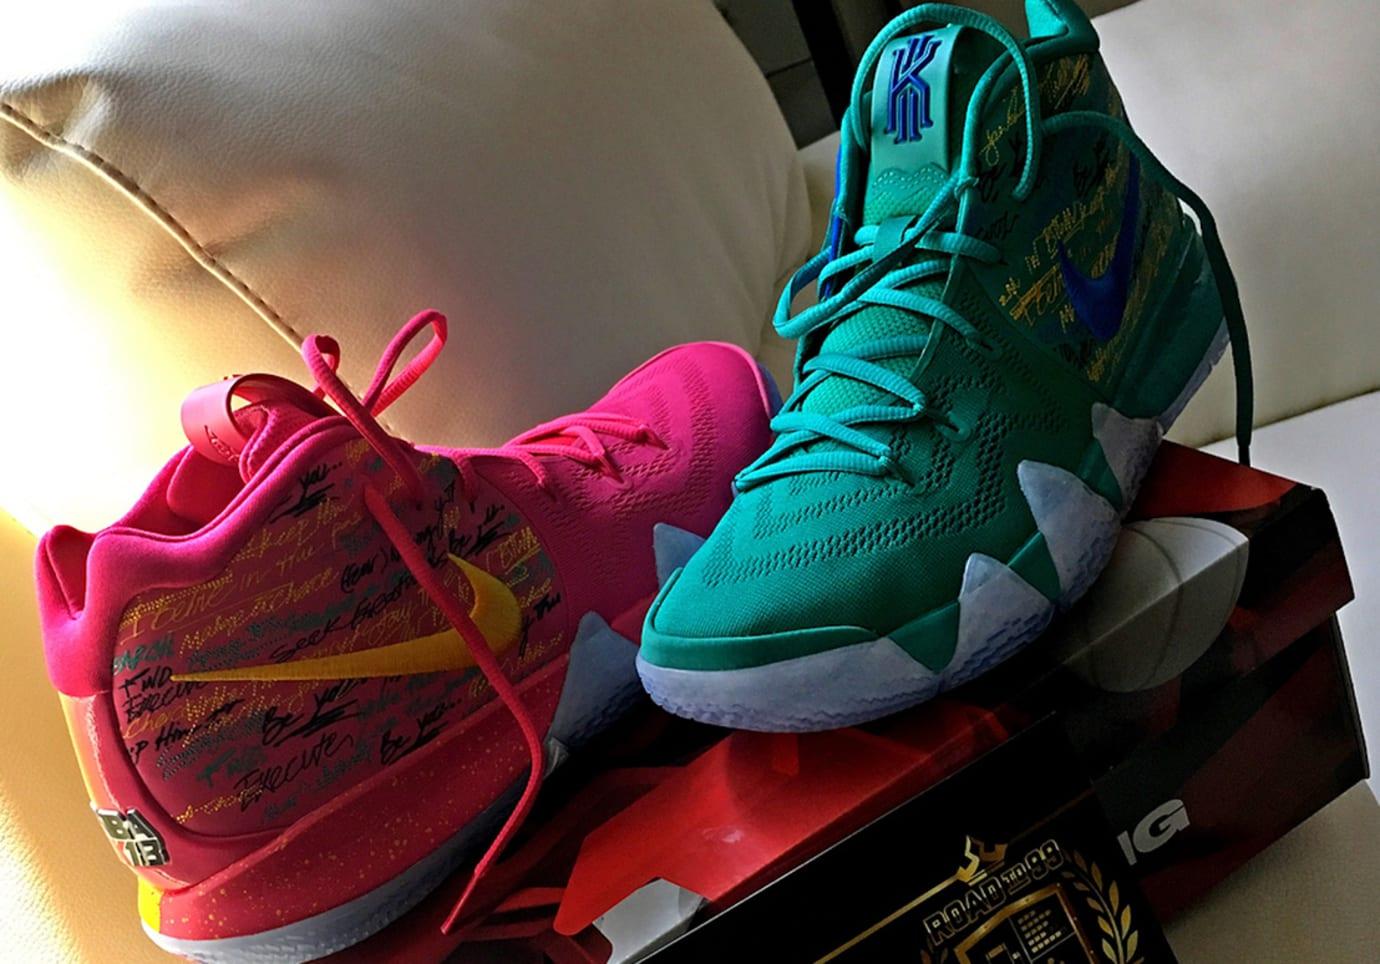 práctico ven propiedad  Nike Kyrie 4 'NBA 2K18' Limited to 200 Pairs | Sole Collector